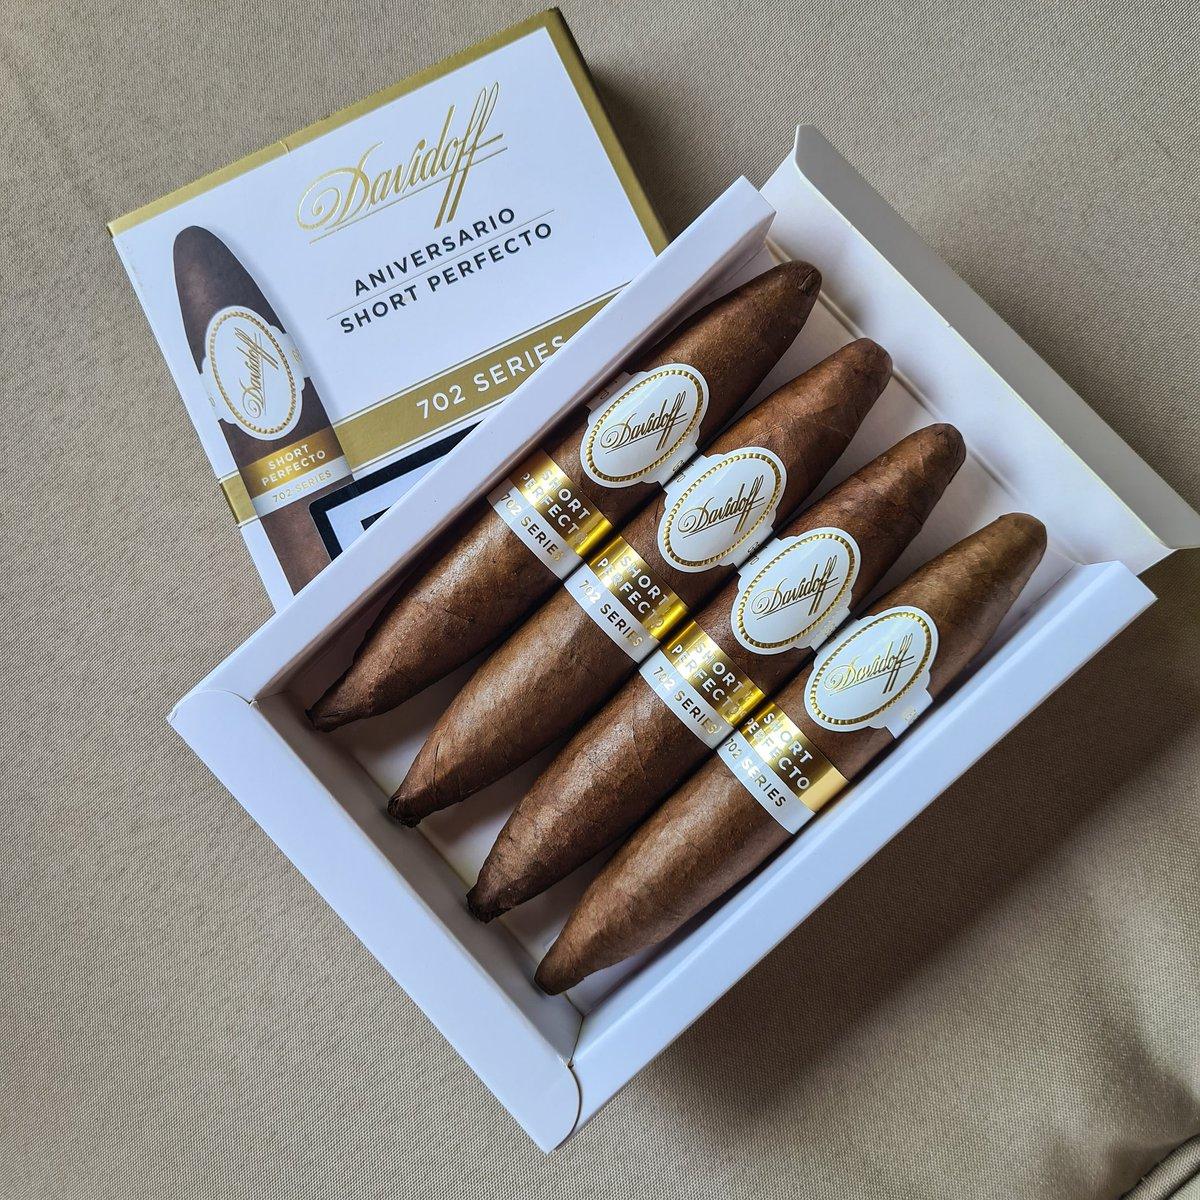 Como bombones gourmet, siempre quieres más. DAVIDOFF Aniversario Short Perfecto 702 Series.  #clubmomentohumo #davidoffcigars #davidoffaniversario #davidoffaniversario702series #cigars #cigarlife #cigarsociety #cigarlover #cigarsnob #cigaraficionado #cigartime #cigarofthedaypic.twitter.com/qWdxvhaIWX